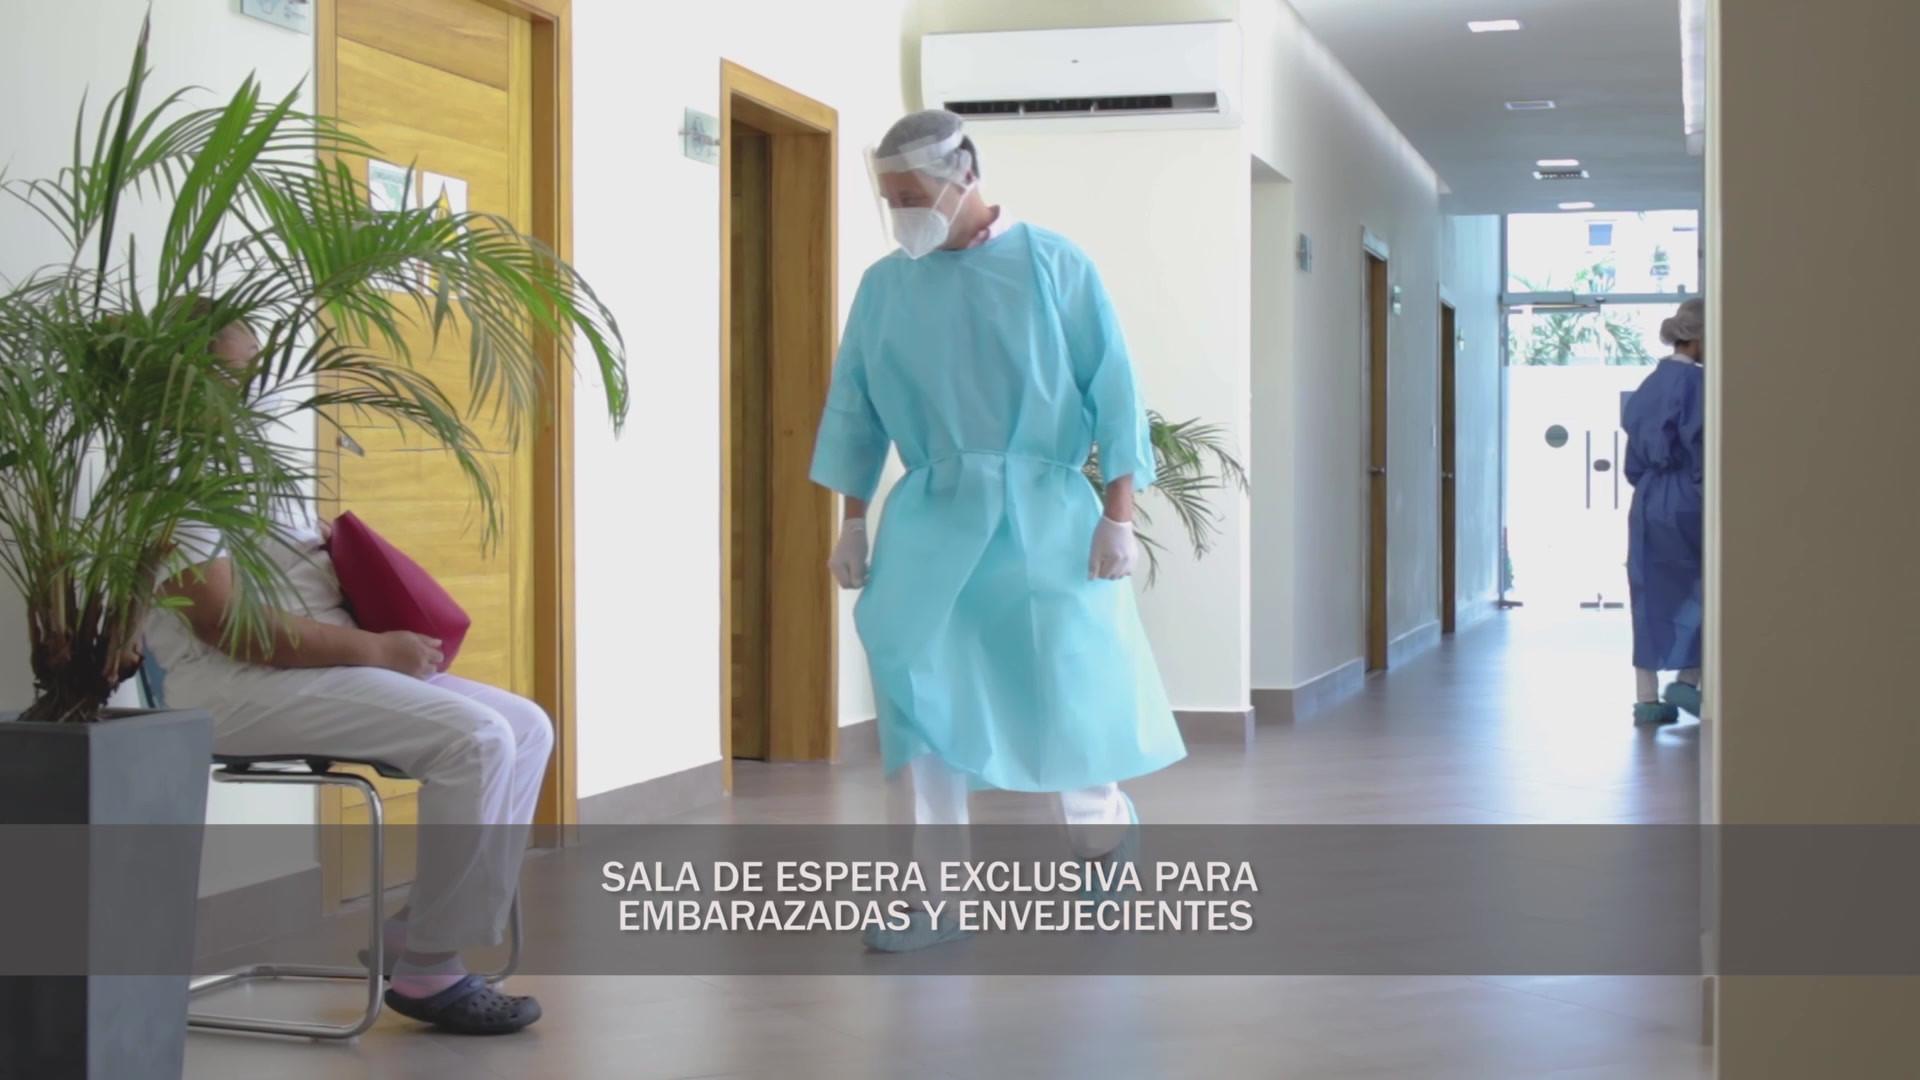 Diagnostico Medico Dra. Mayans